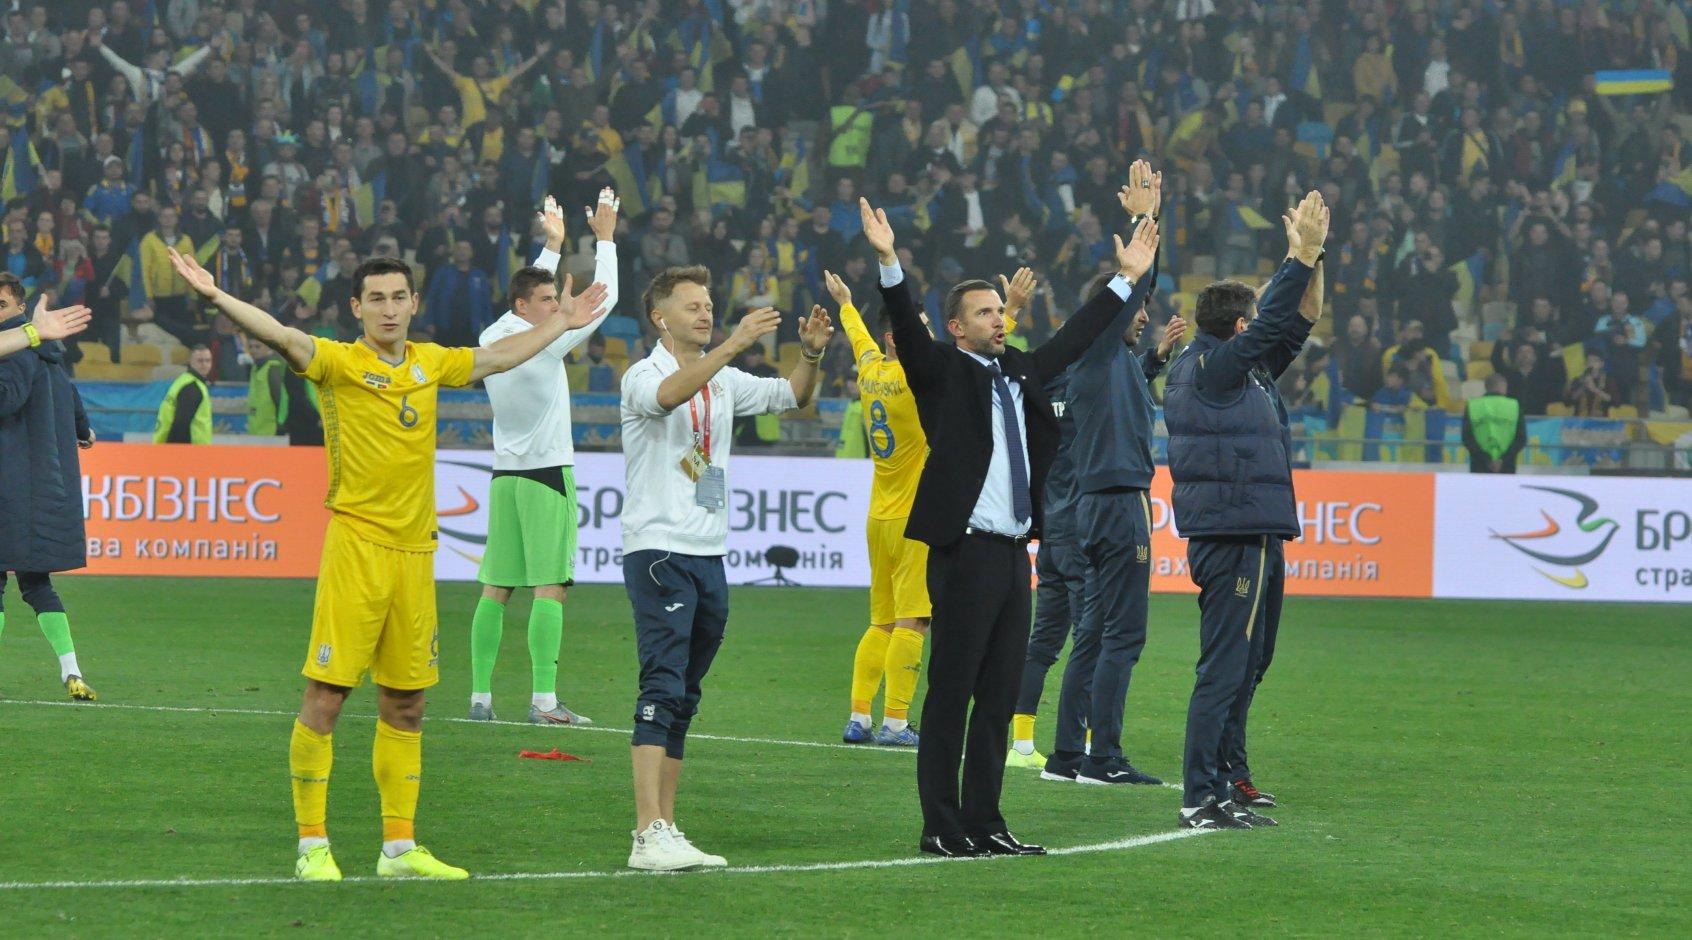 Реакция Андрея Павелко и Григория Суркиса на победу сборной Украины (Фото)